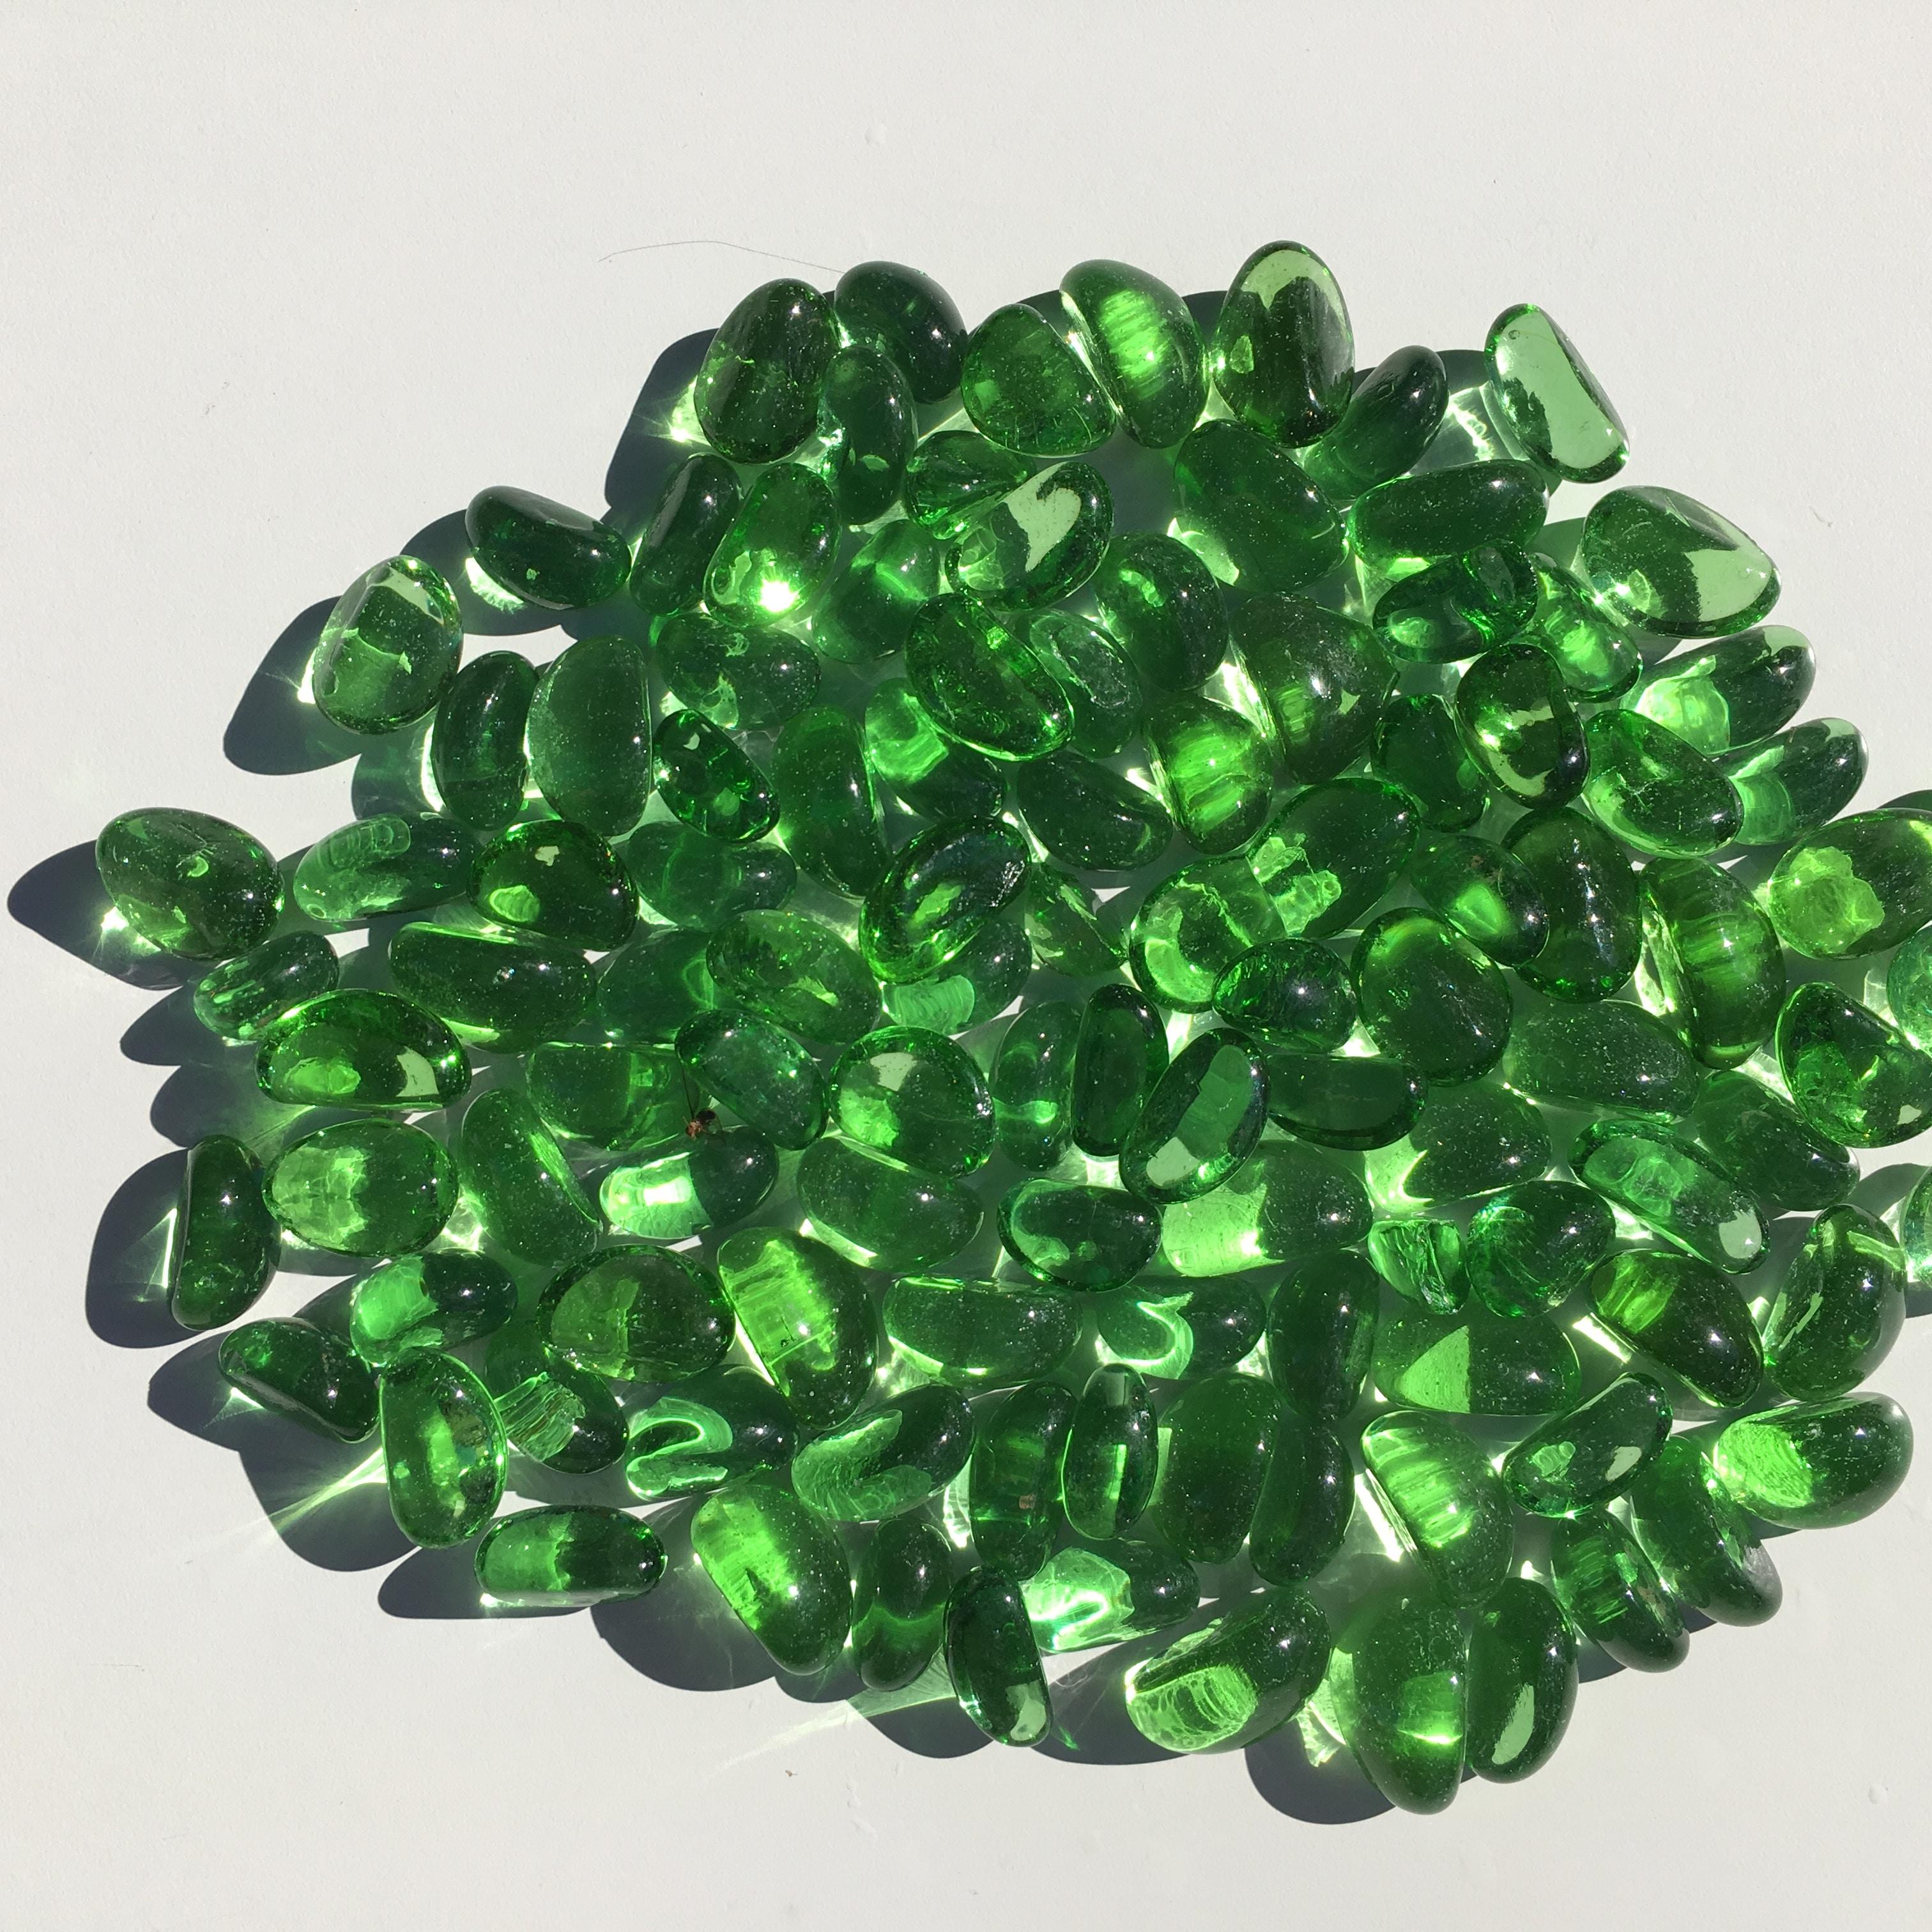 Galets de Verre Vert Pour Décoration - FibreVerte Shop